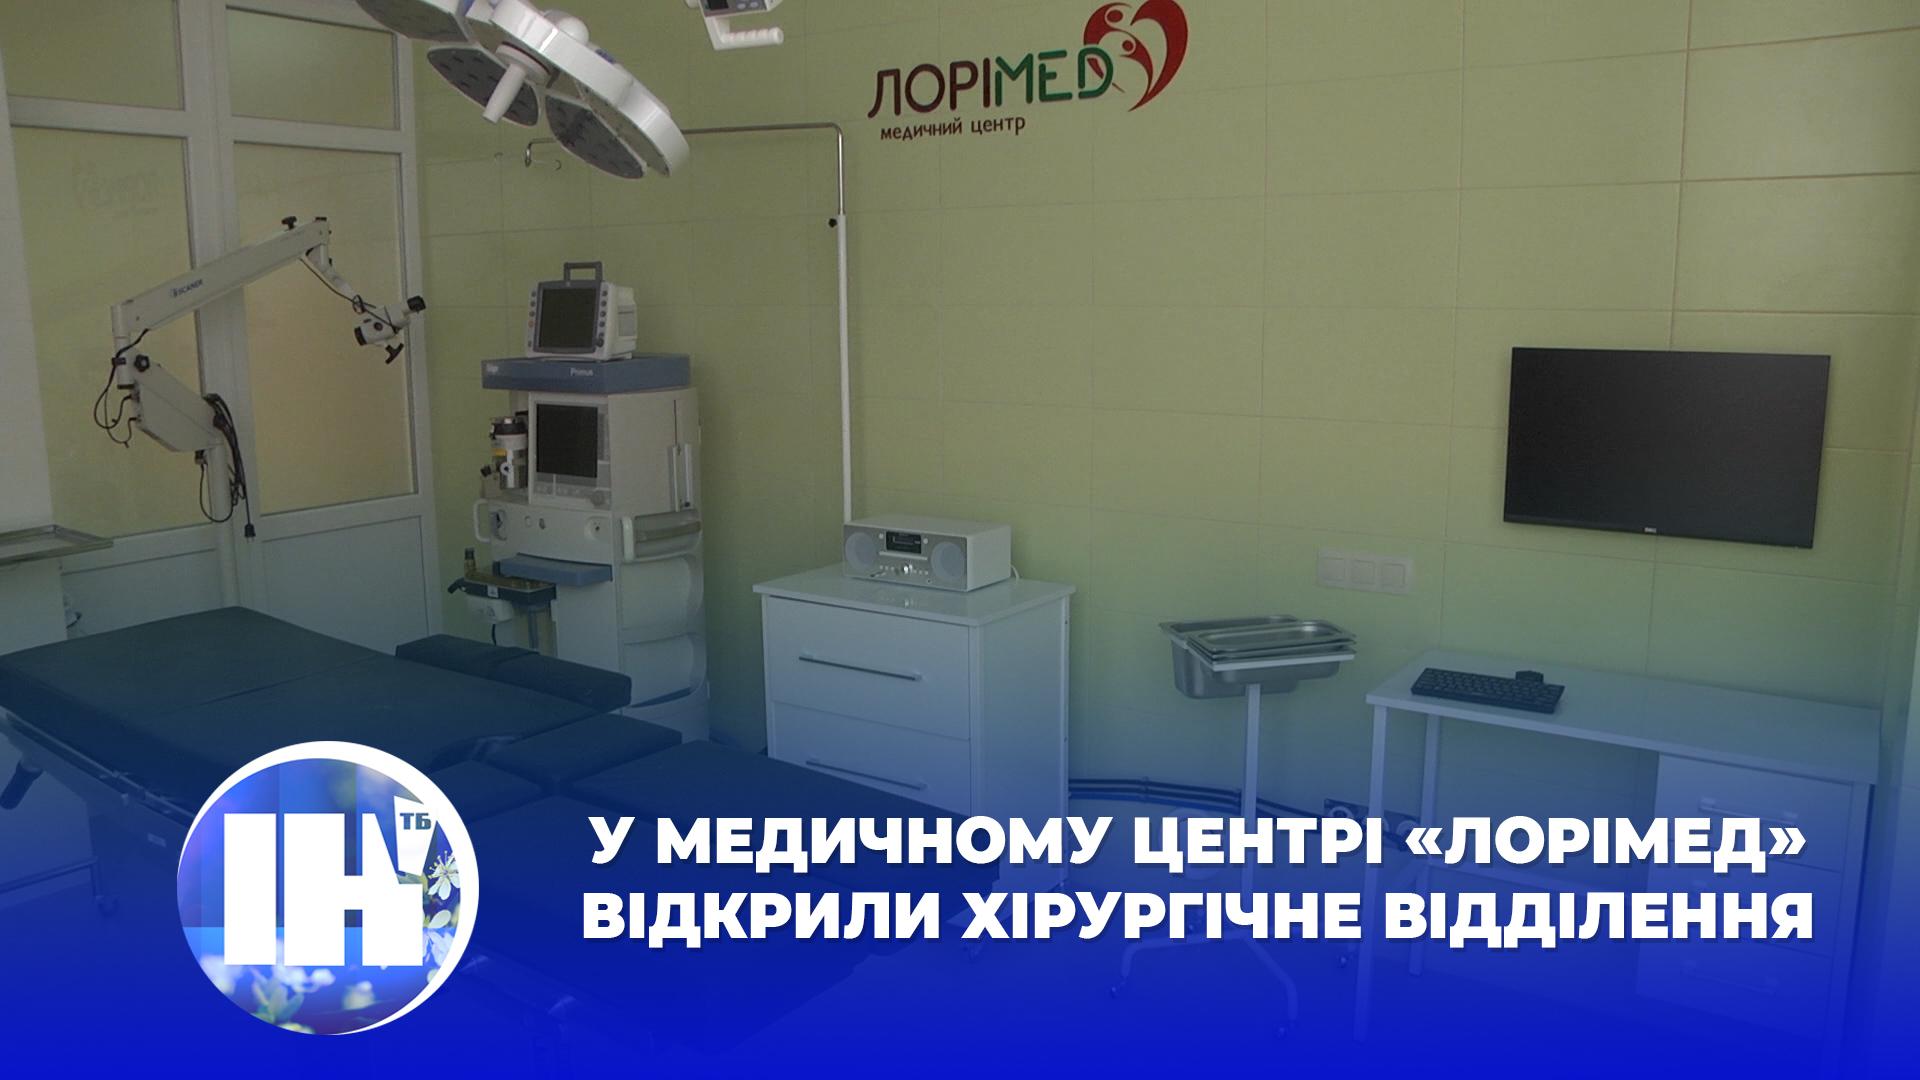 У медичному центрі «Лорімед» відкрили хірургічне відділення